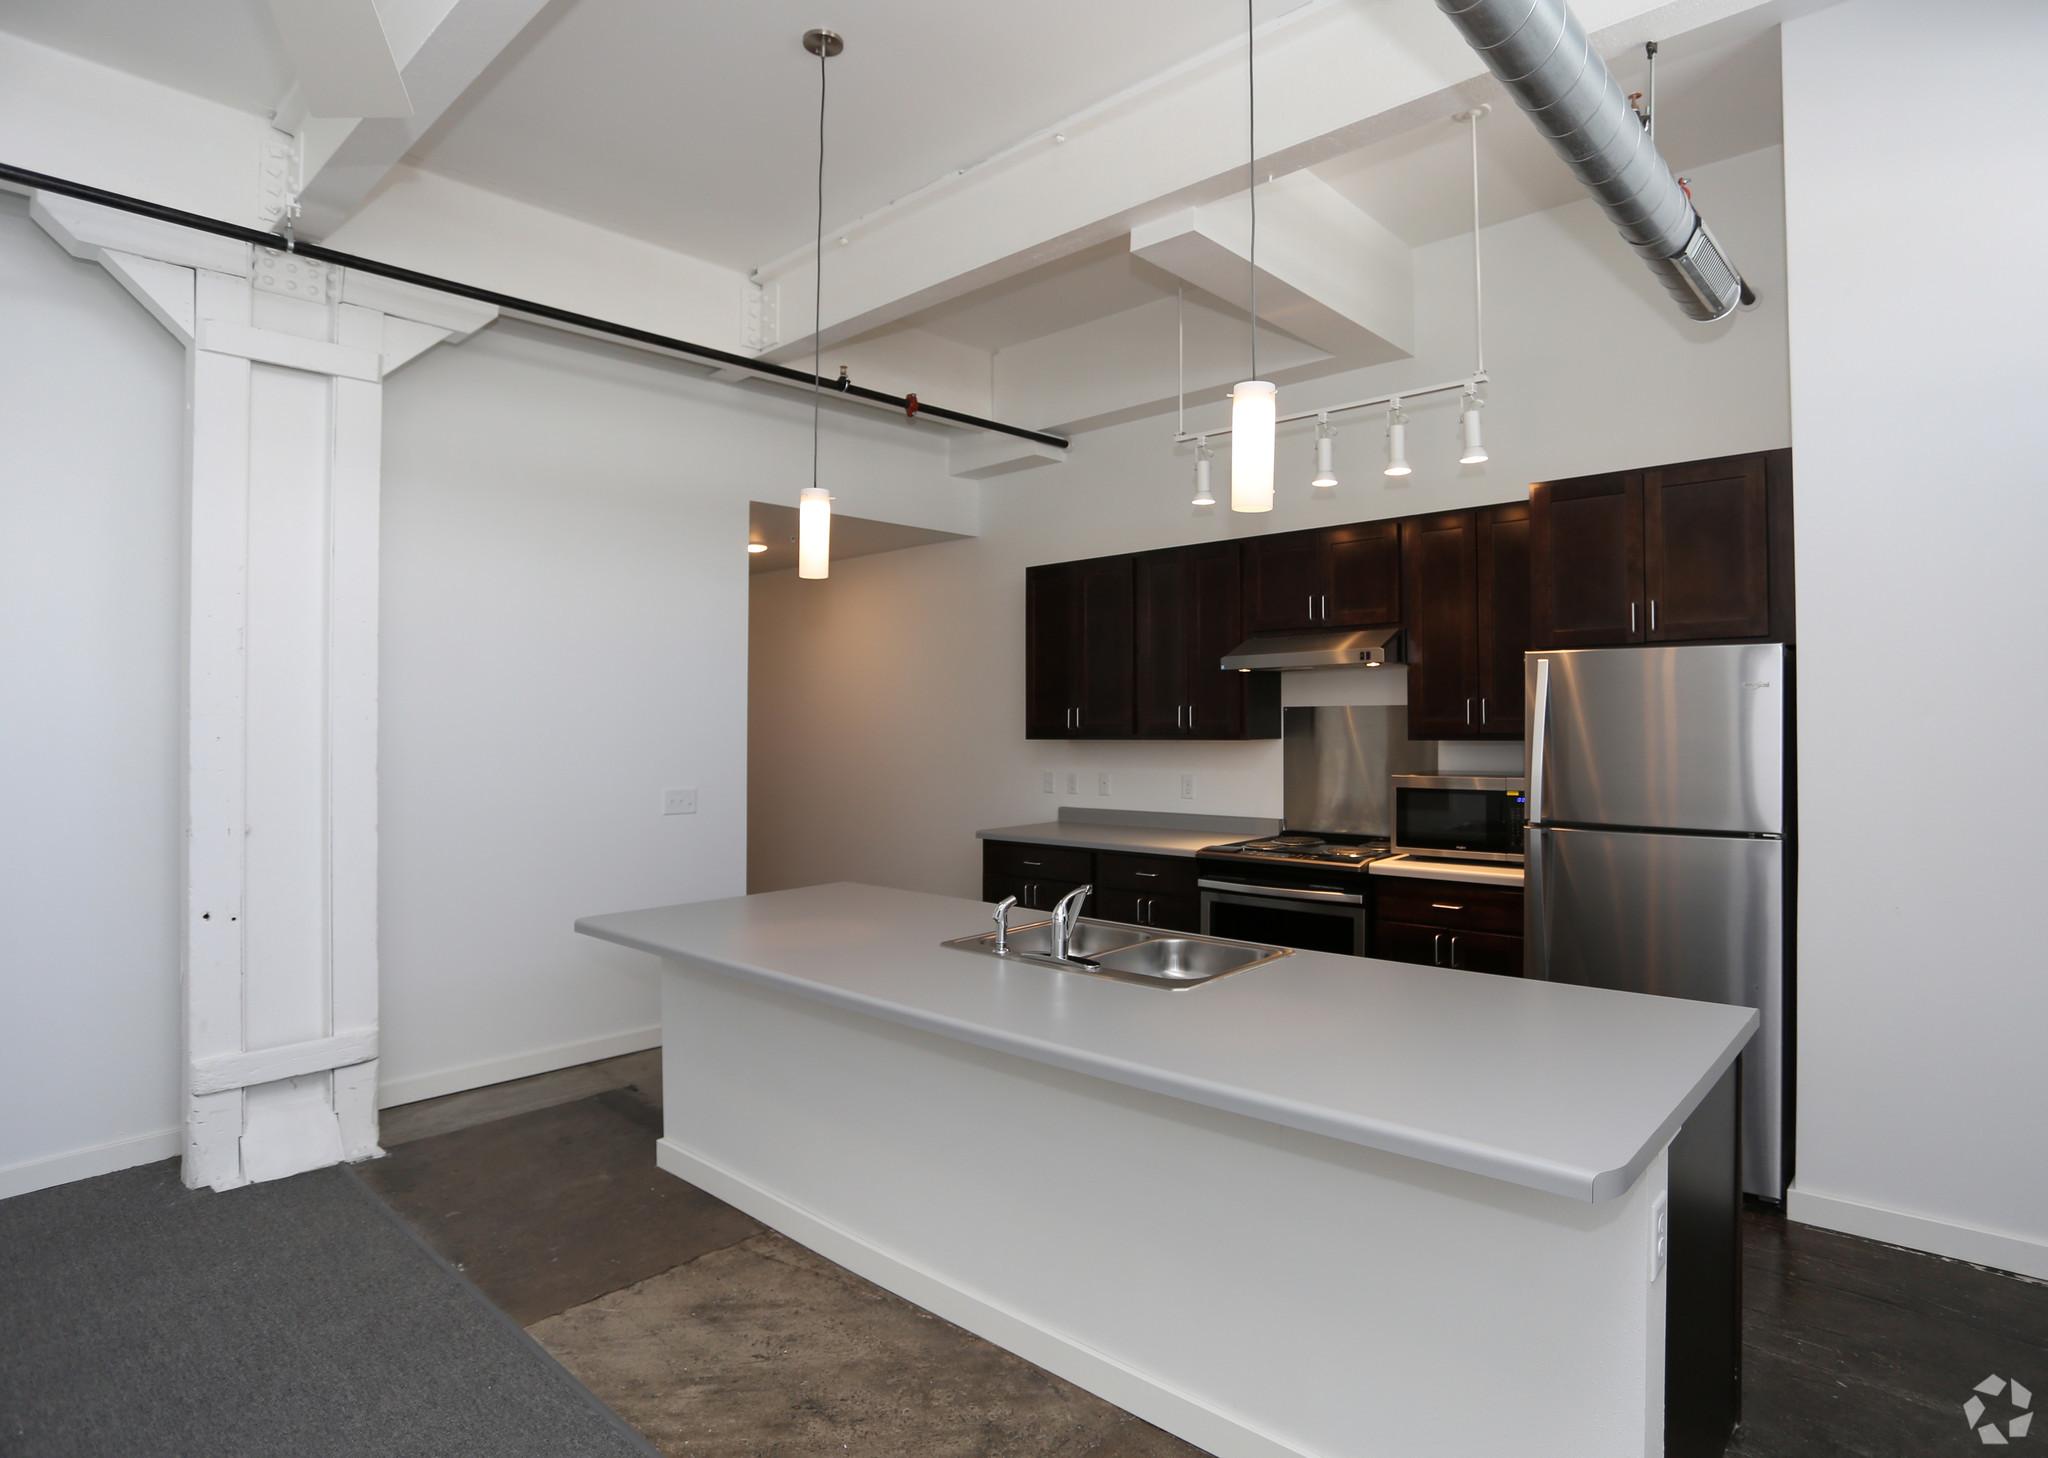 atrium-lofts-wausau-wi-kitchen (1).jpg